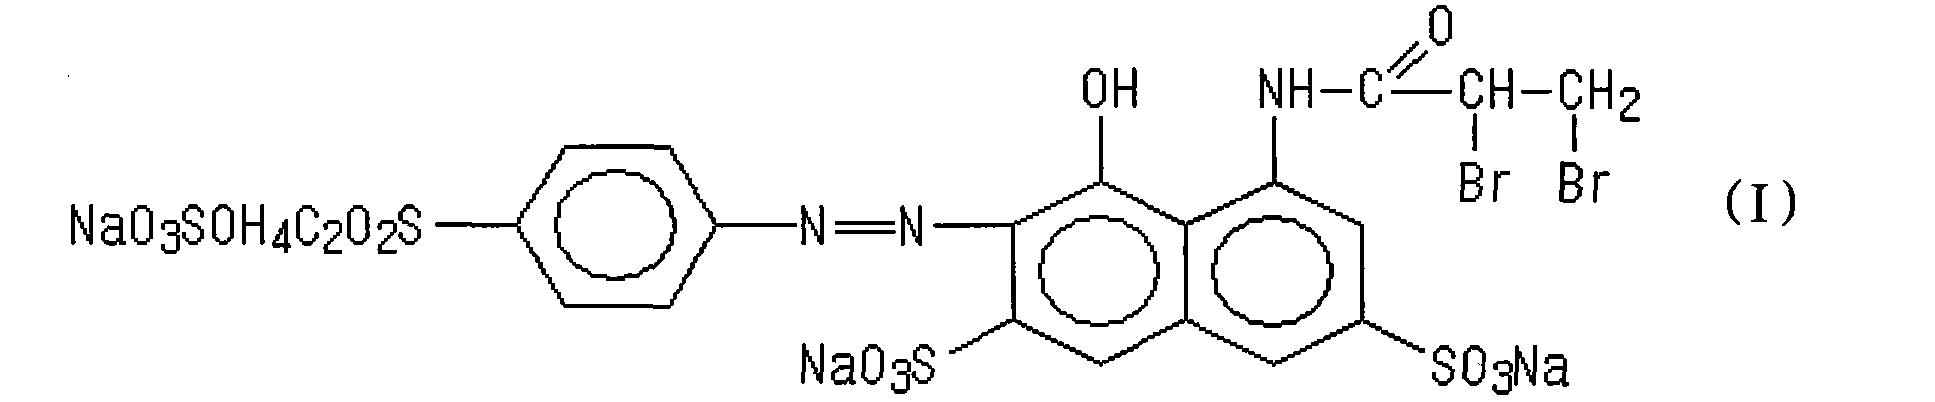 Figure CN101735652BD00041